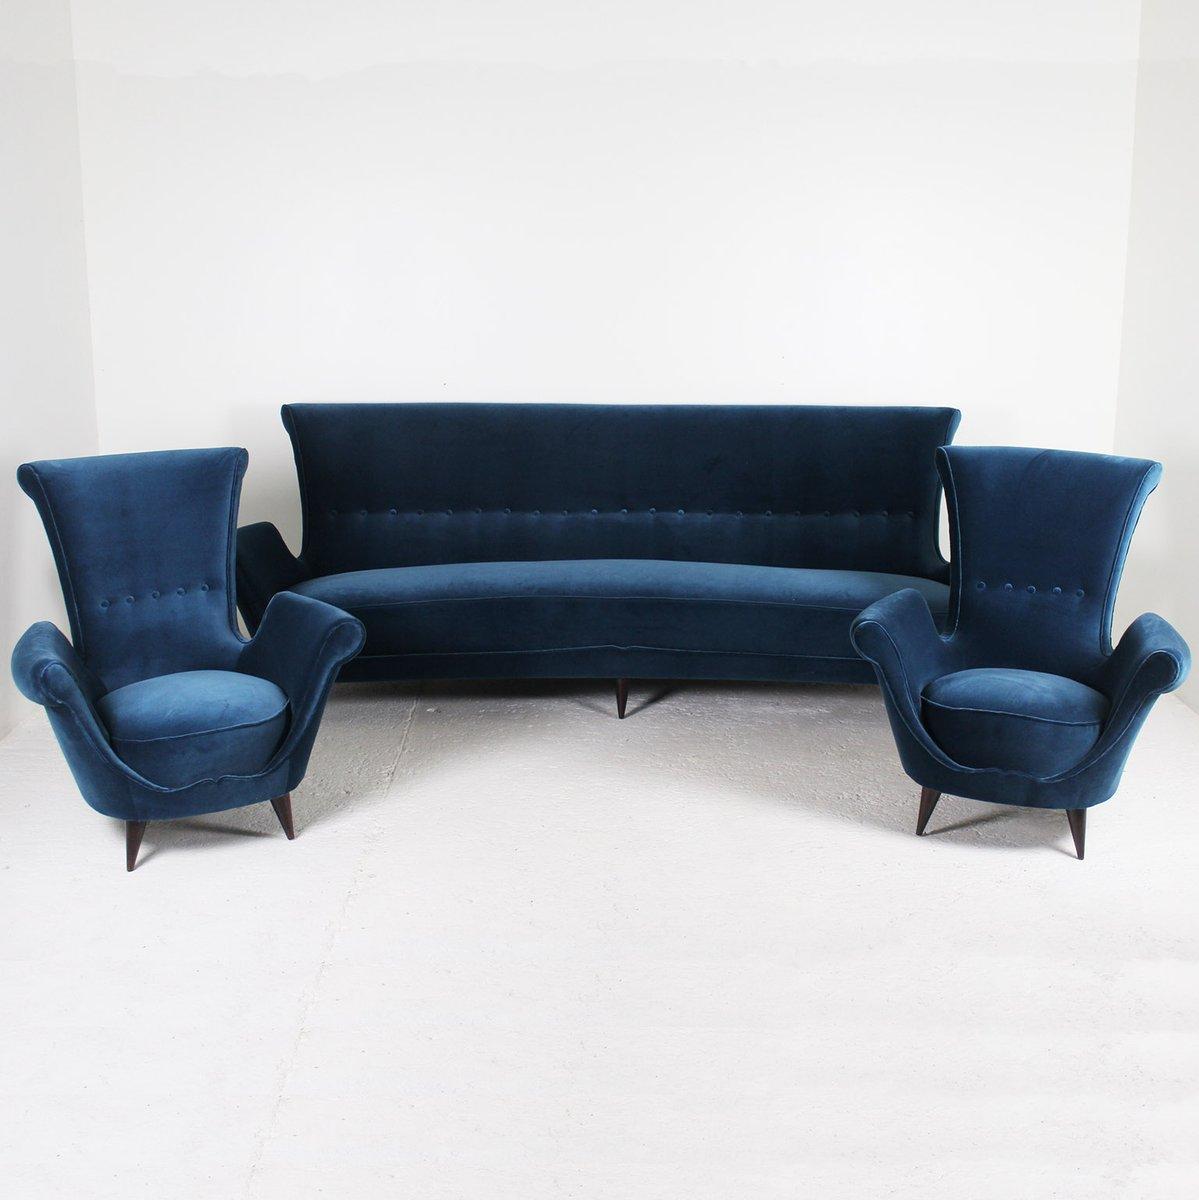 canap en velours bleu 1950s en vente sur pamono. Black Bedroom Furniture Sets. Home Design Ideas